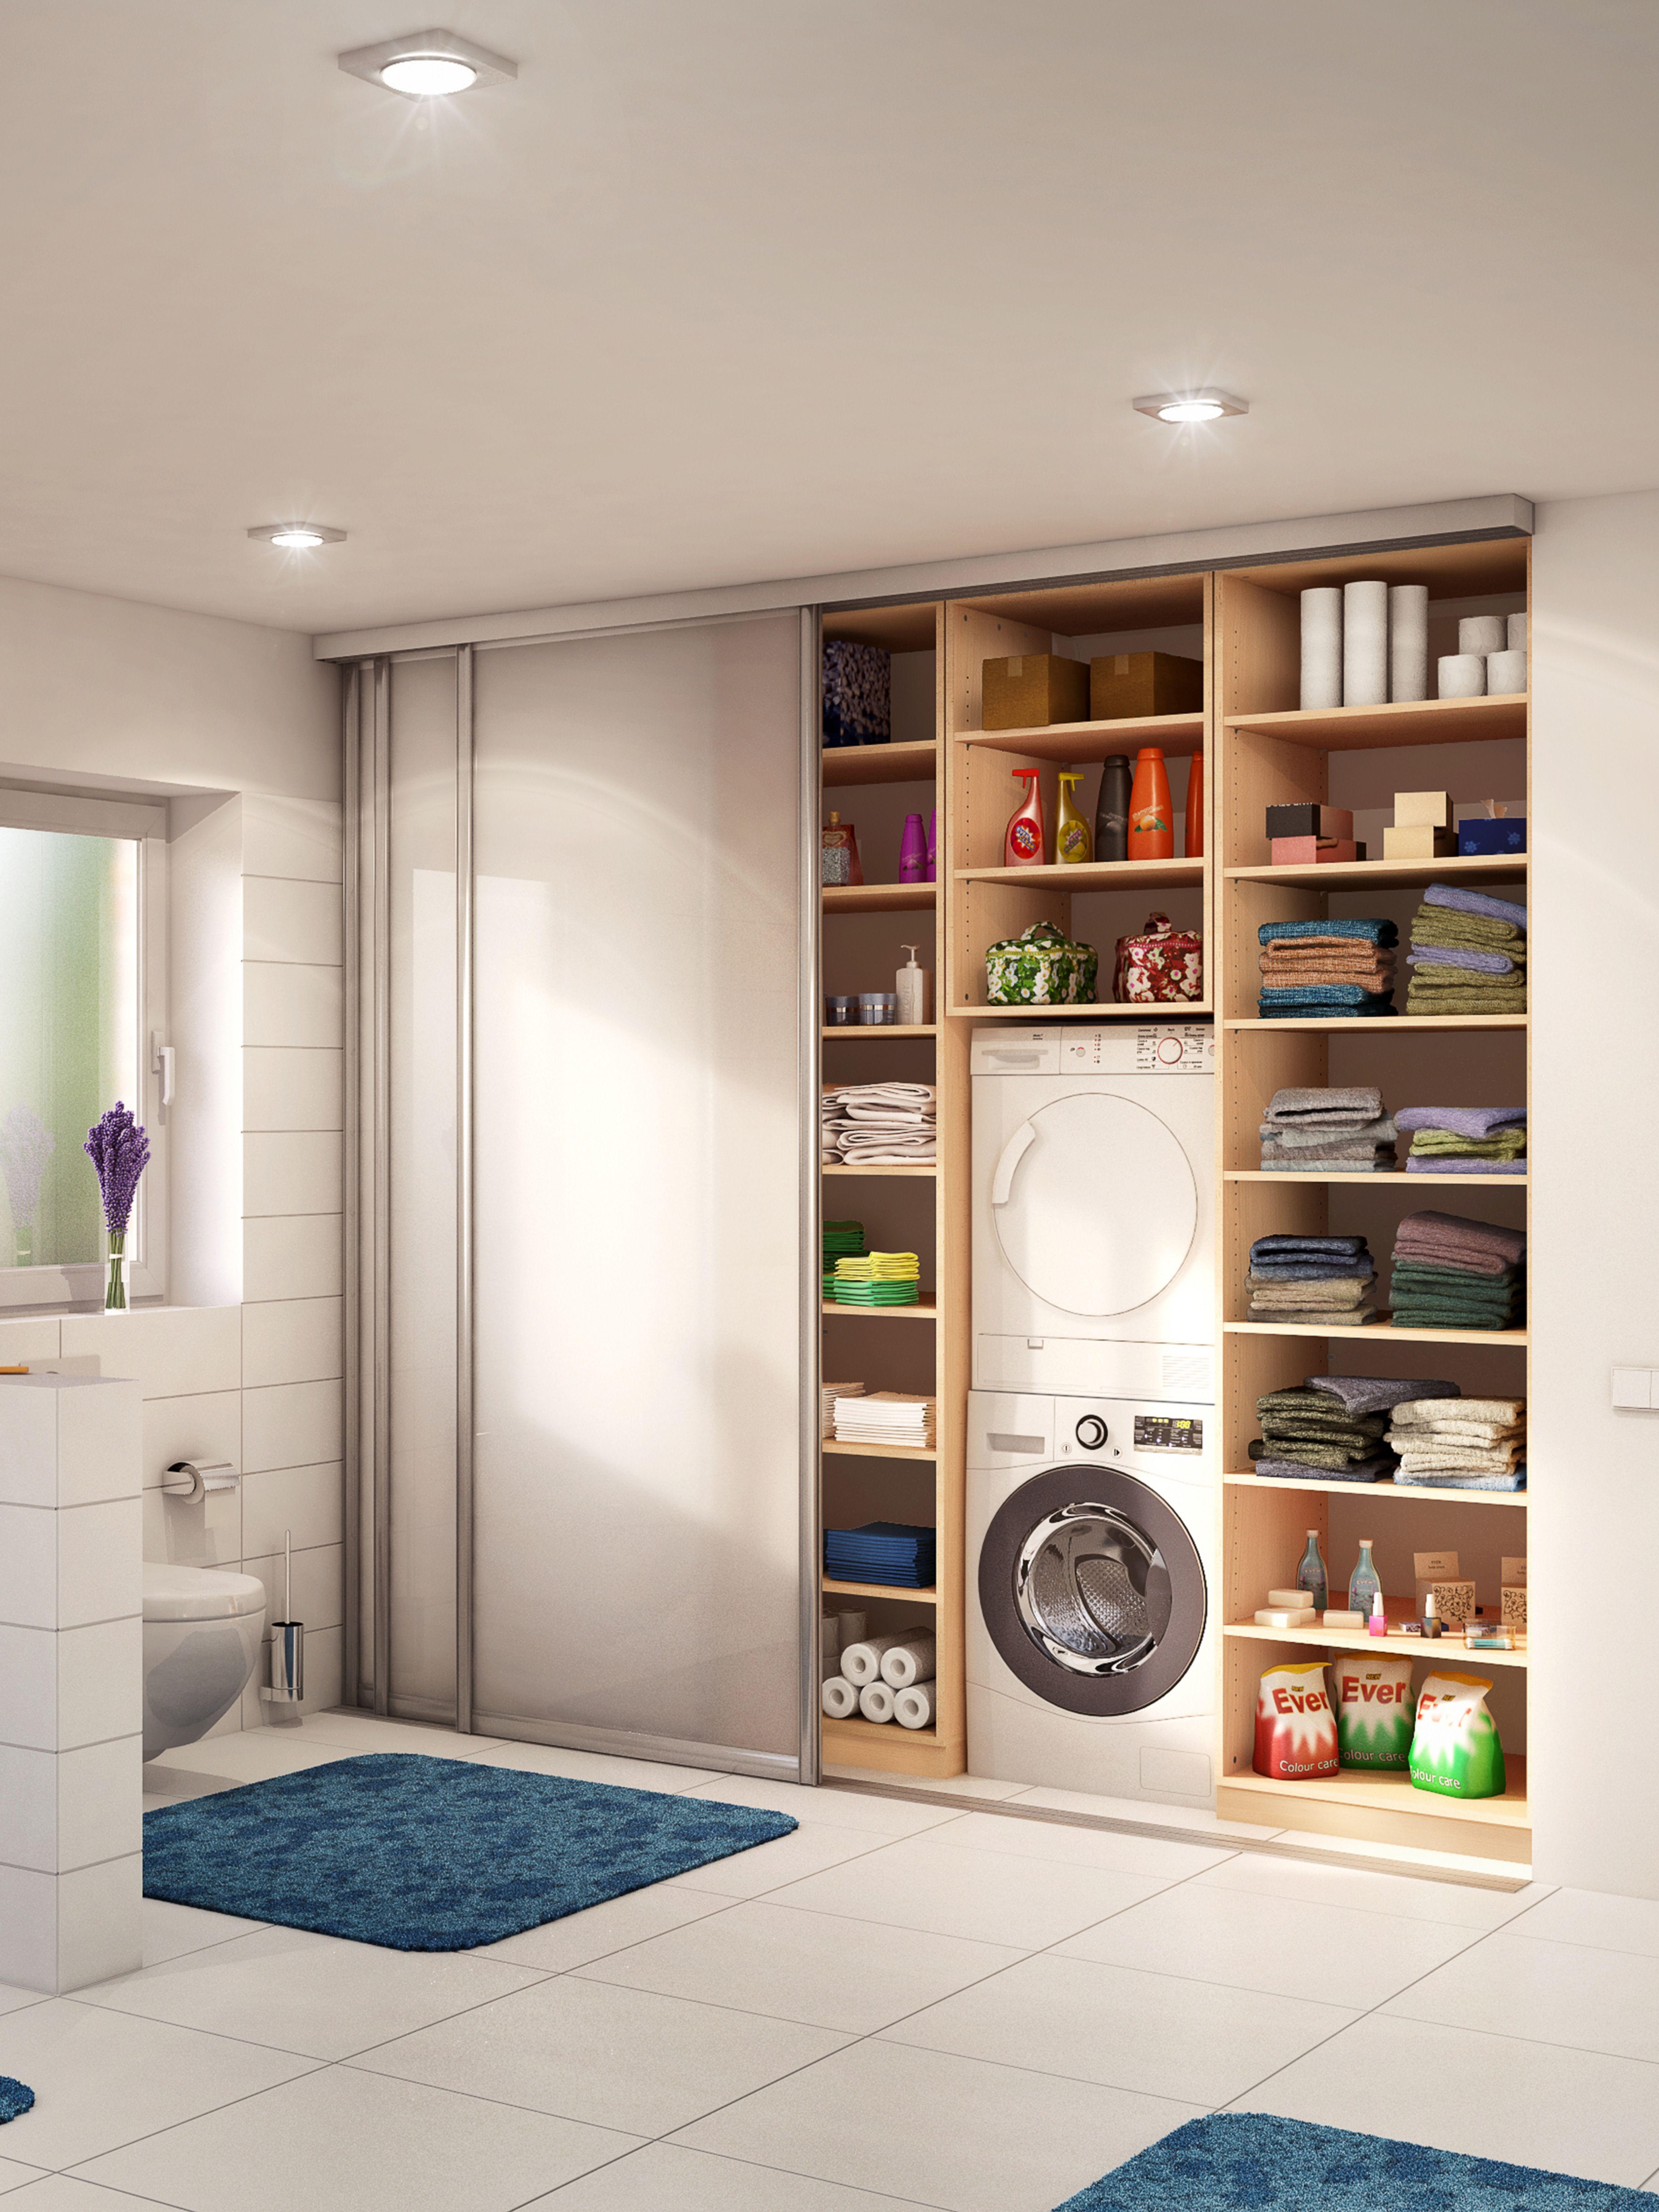 Badezimmer Nischenschrank Mit Schiebetüre Badezimmer Nischenschrank Regal Nach Maß